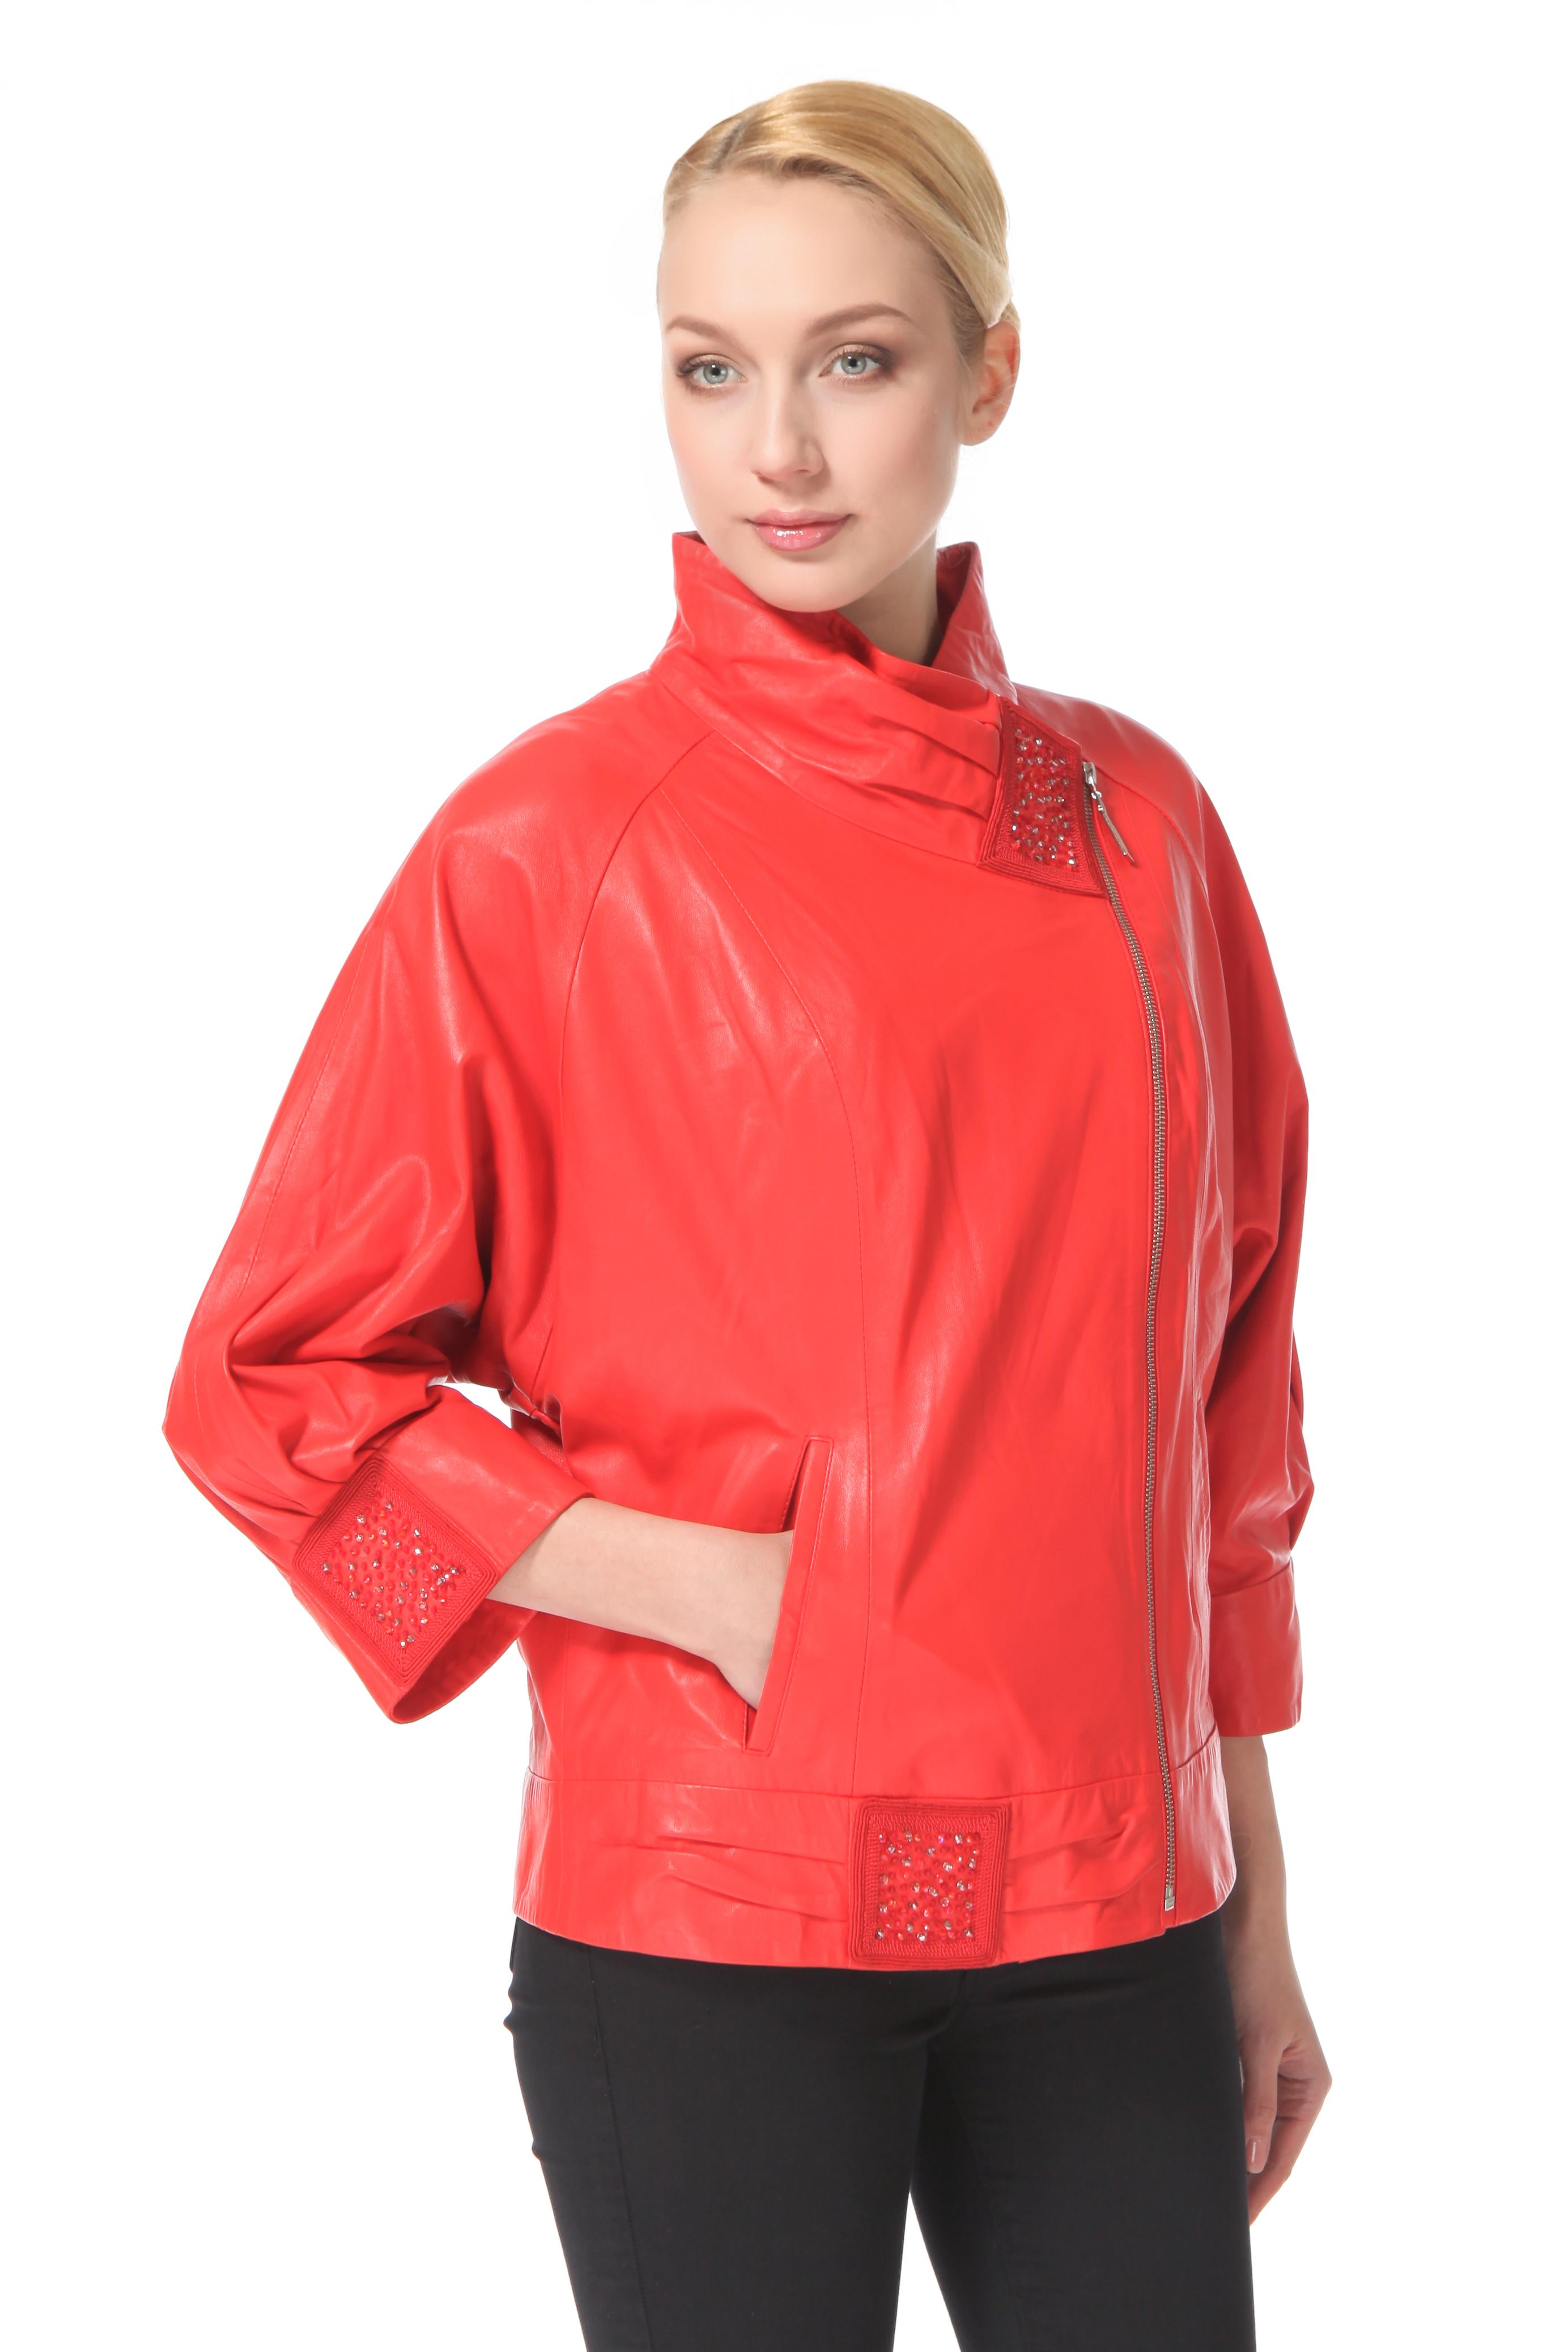 Женская кожаная куртка из натуральной кожи с воротником, без отделкиЦвет  венецианский красный (ярко-красный насыщенный).<br><br>Горячий тренд нового сезона  кожаная куртка-косуха, давно превратившаяся из китча в повседневную и везде уместную вещь. Данная модель симбиоз модного тренда, женственности и экспрессии. Роскошный оттенок красного цвета  цвета страсти, силы и новых побед, делает образ незабываемым, изящно задрапированный воротник, придает мягкость и женственность, длина рукава 3/4 и геометричный декор в тон изделия, придают модели актуальность, так как являются ведущими трендами сезона. Куртка создаст хорошее настроение своей обладательнице на весь день, и позволит выглядеть непревзойденно в любой ситуации.<br><br>Воротник: Стойка<br>Длина см: 65<br>Материал: Натуральная кожа<br>Цвет: Красный<br>Пол: Женский